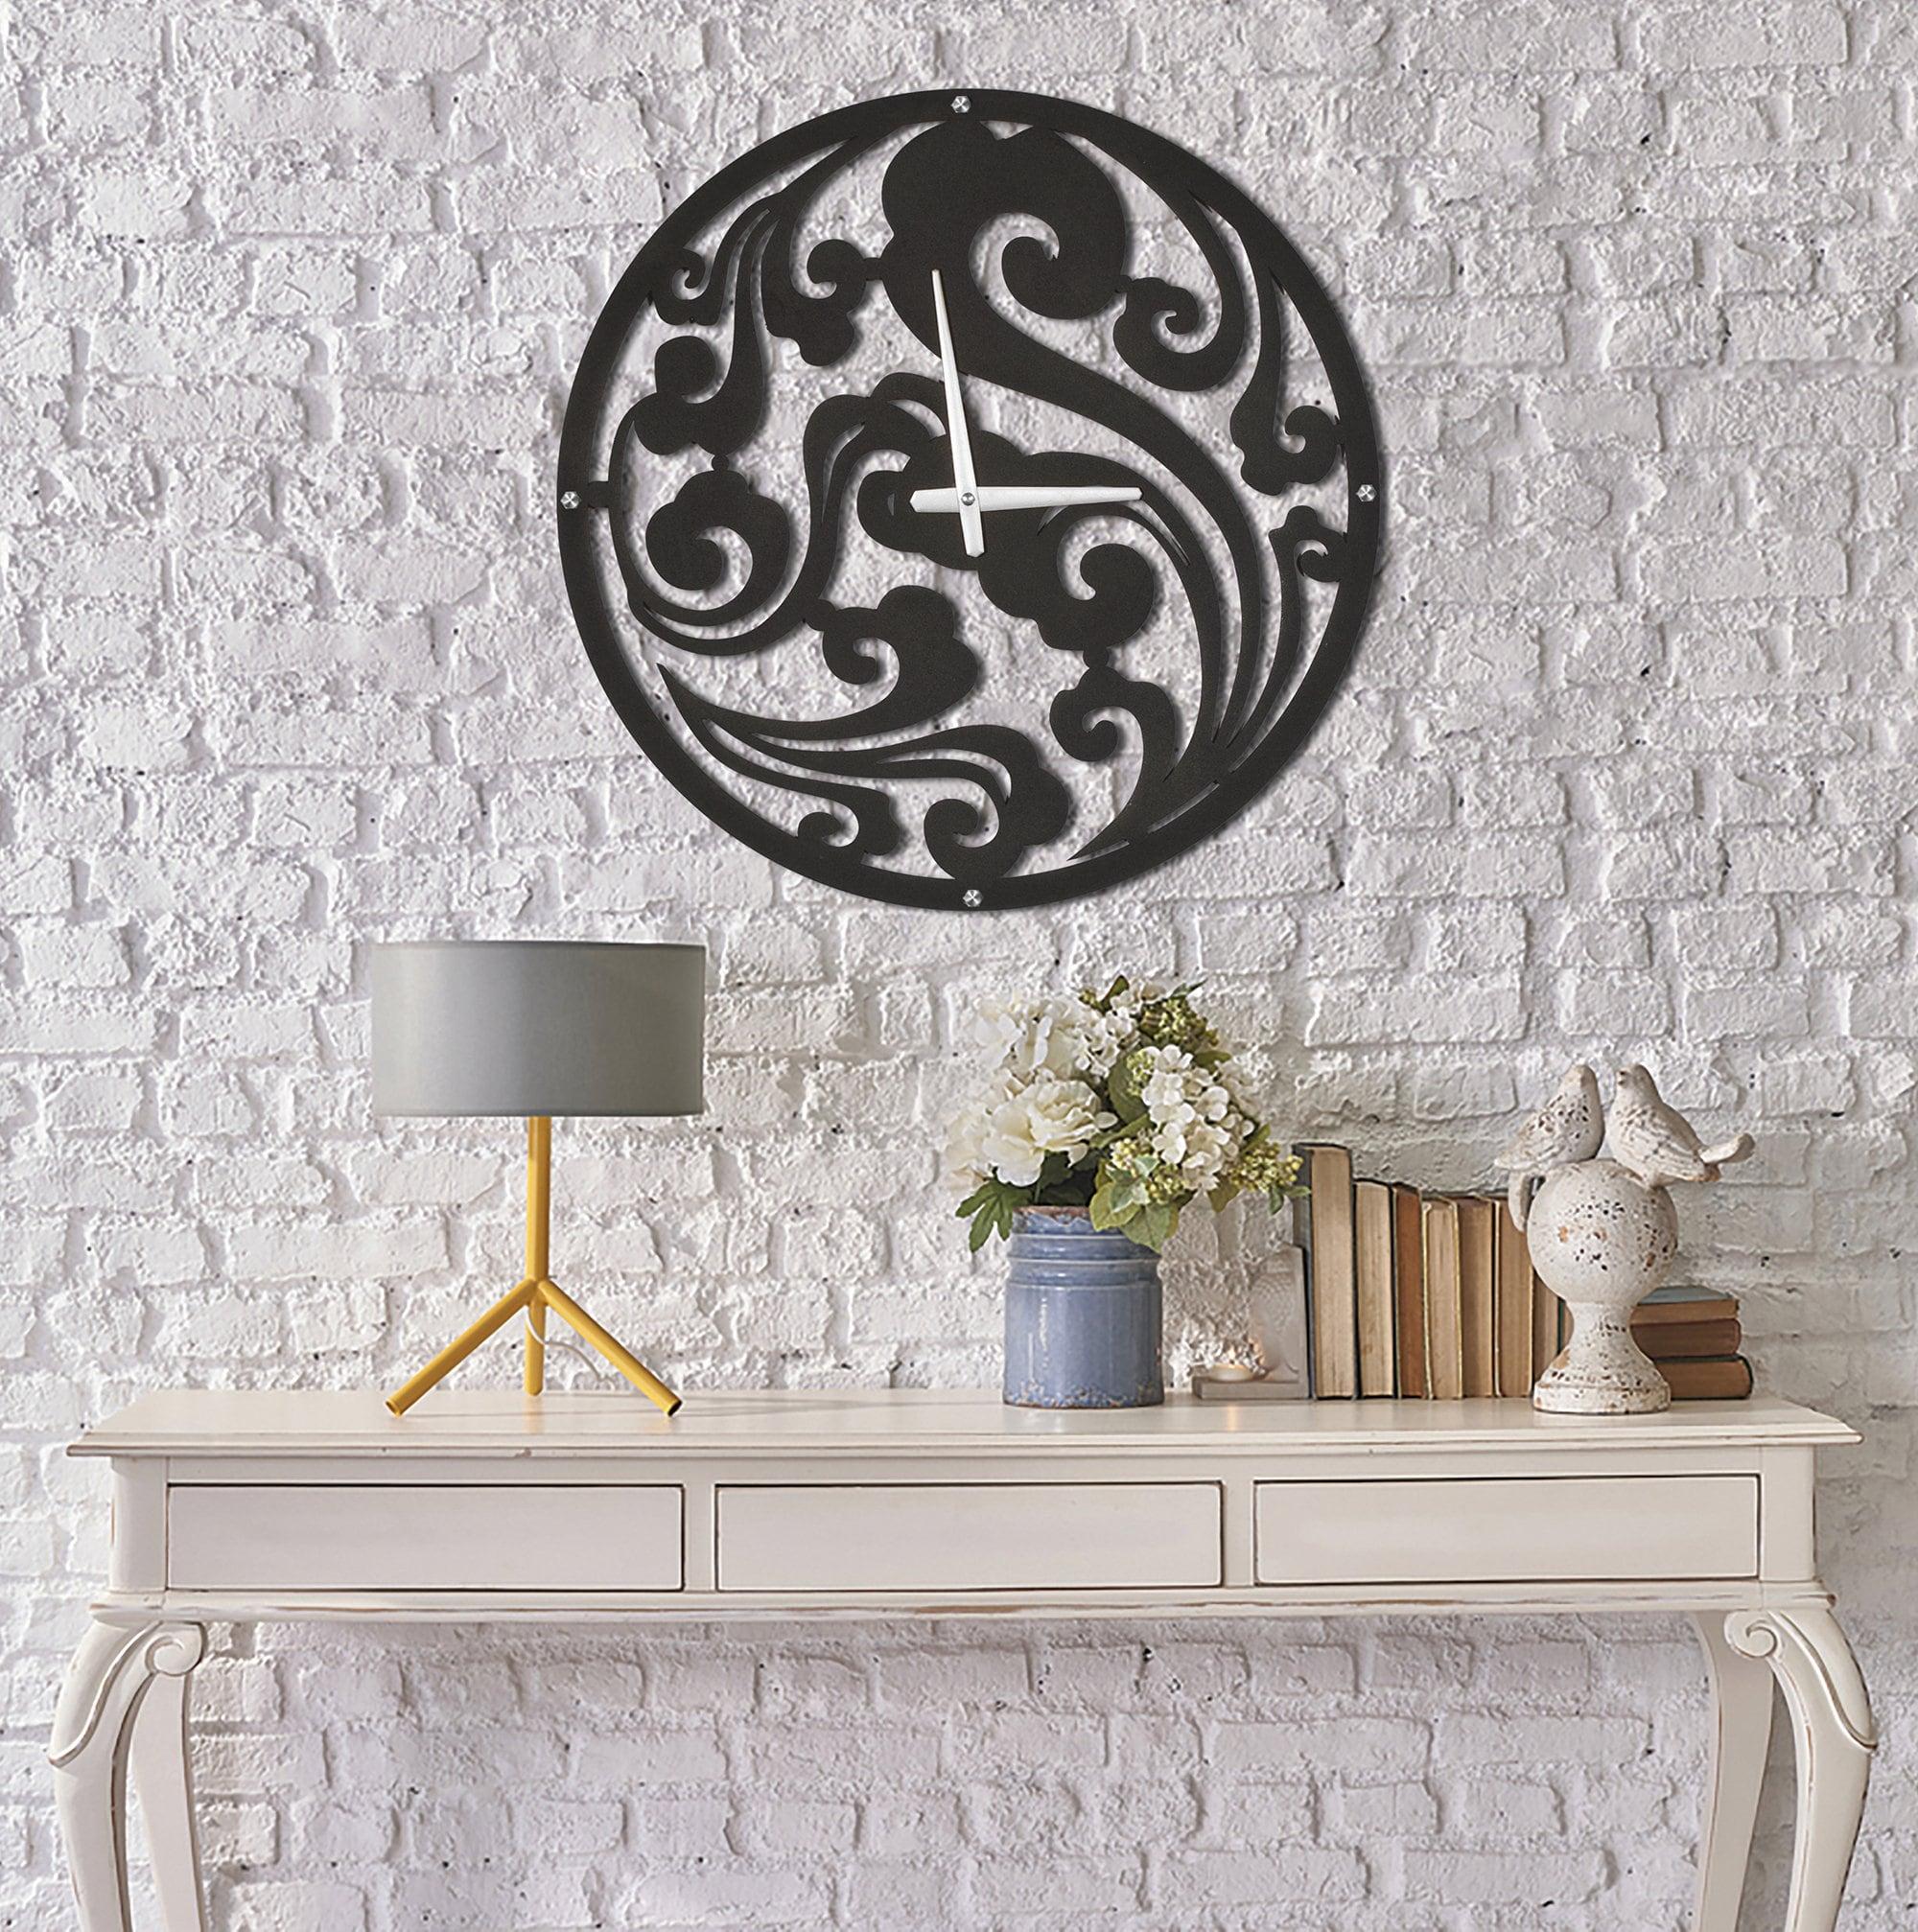 Metal cloud wall clock for a unique interior decoration